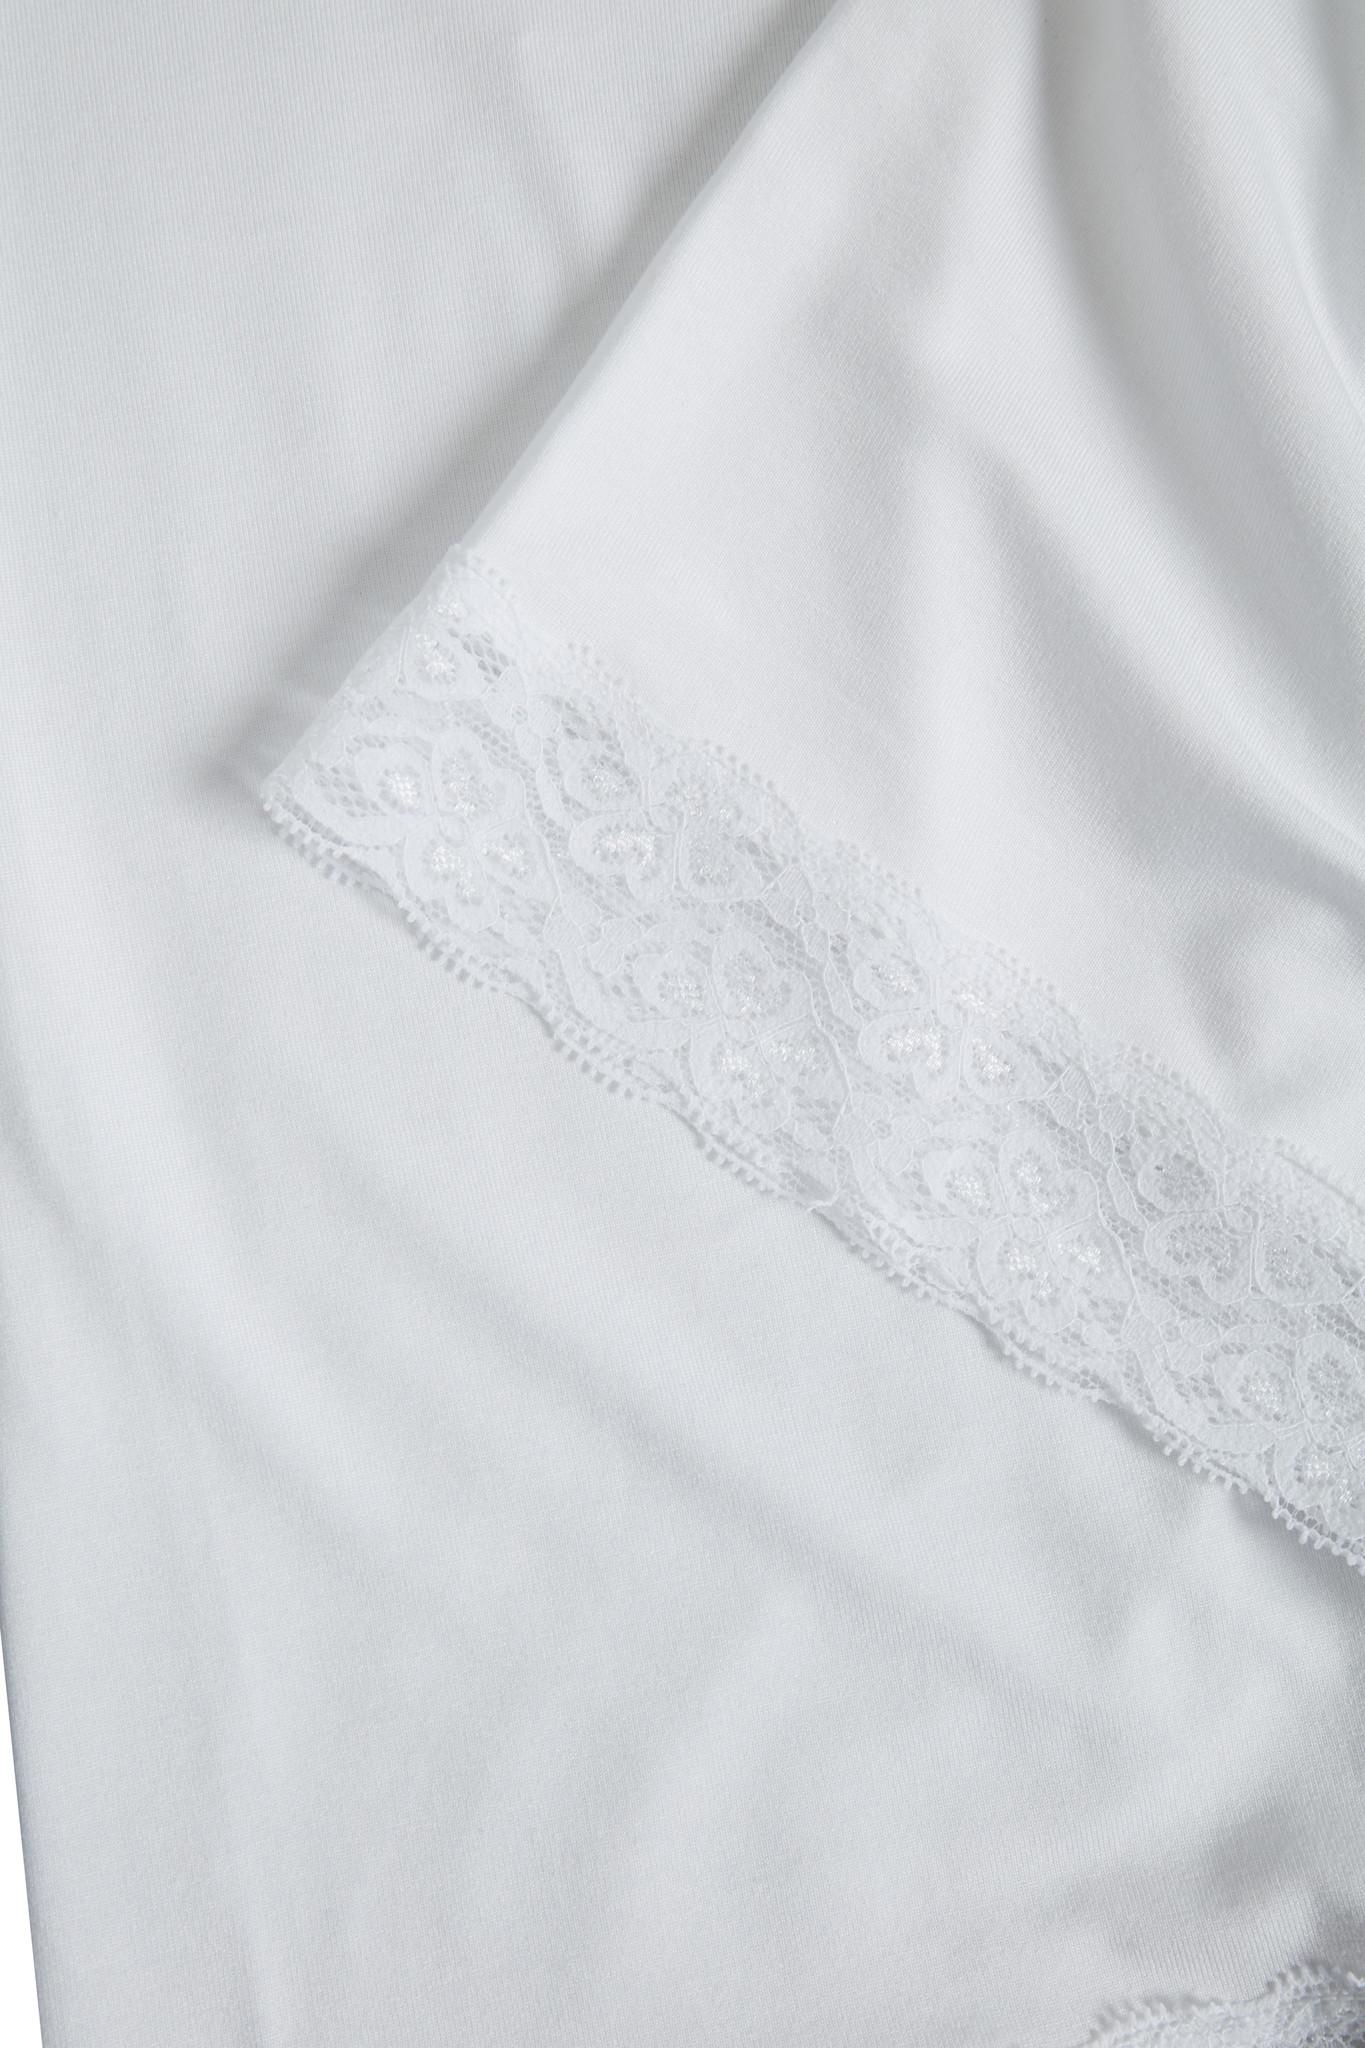 Broek KAsvala Jersey Shorts Optical white-4